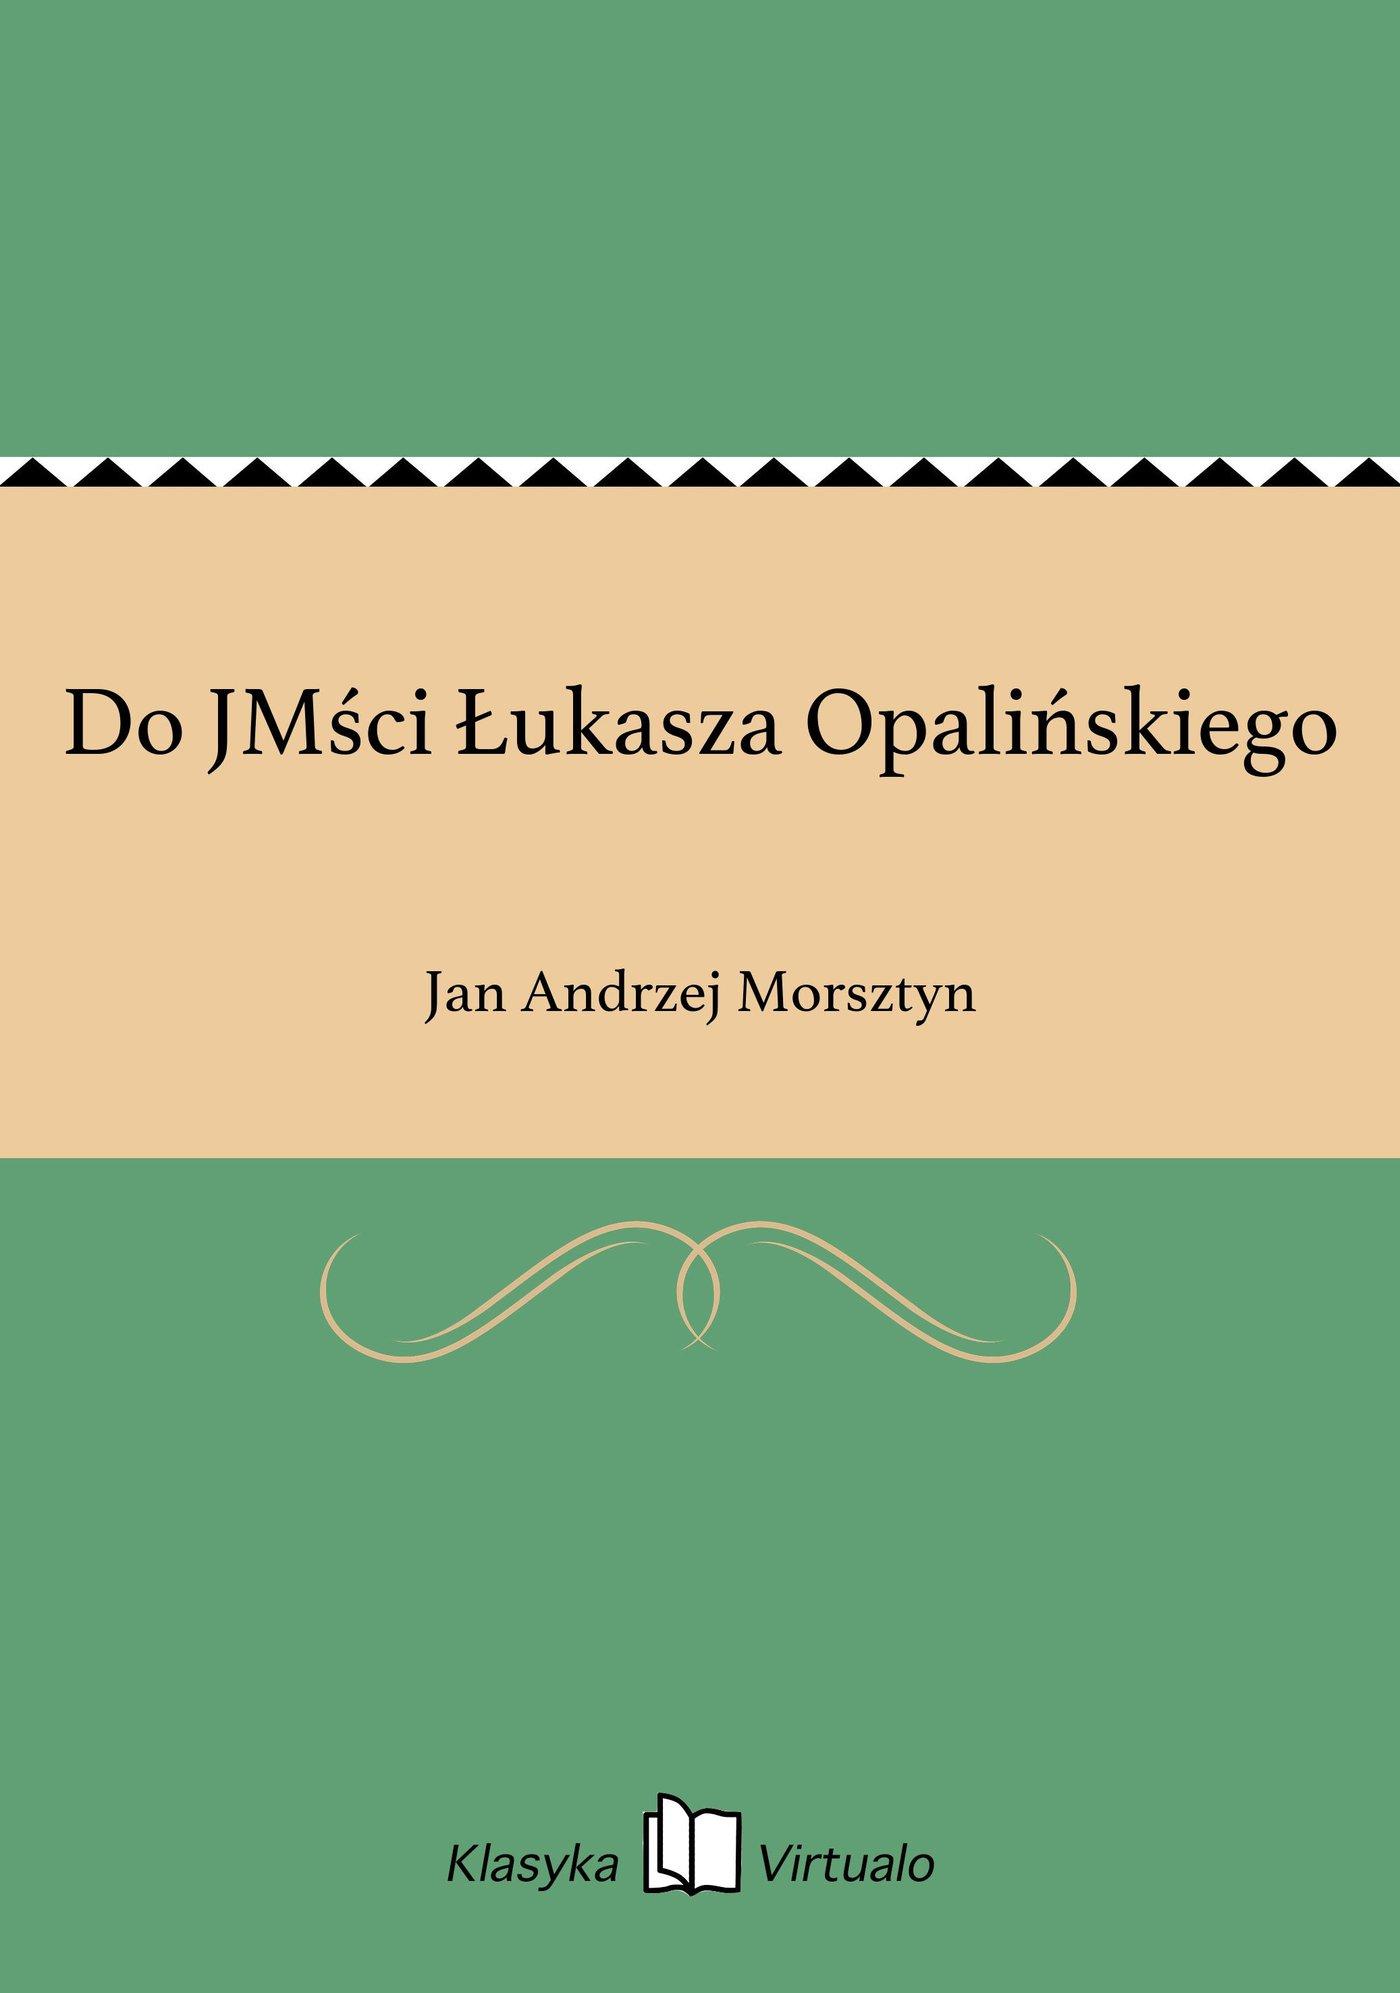 Do JMści Łukasza Opalińskiego - Ebook (Książka EPUB) do pobrania w formacie EPUB